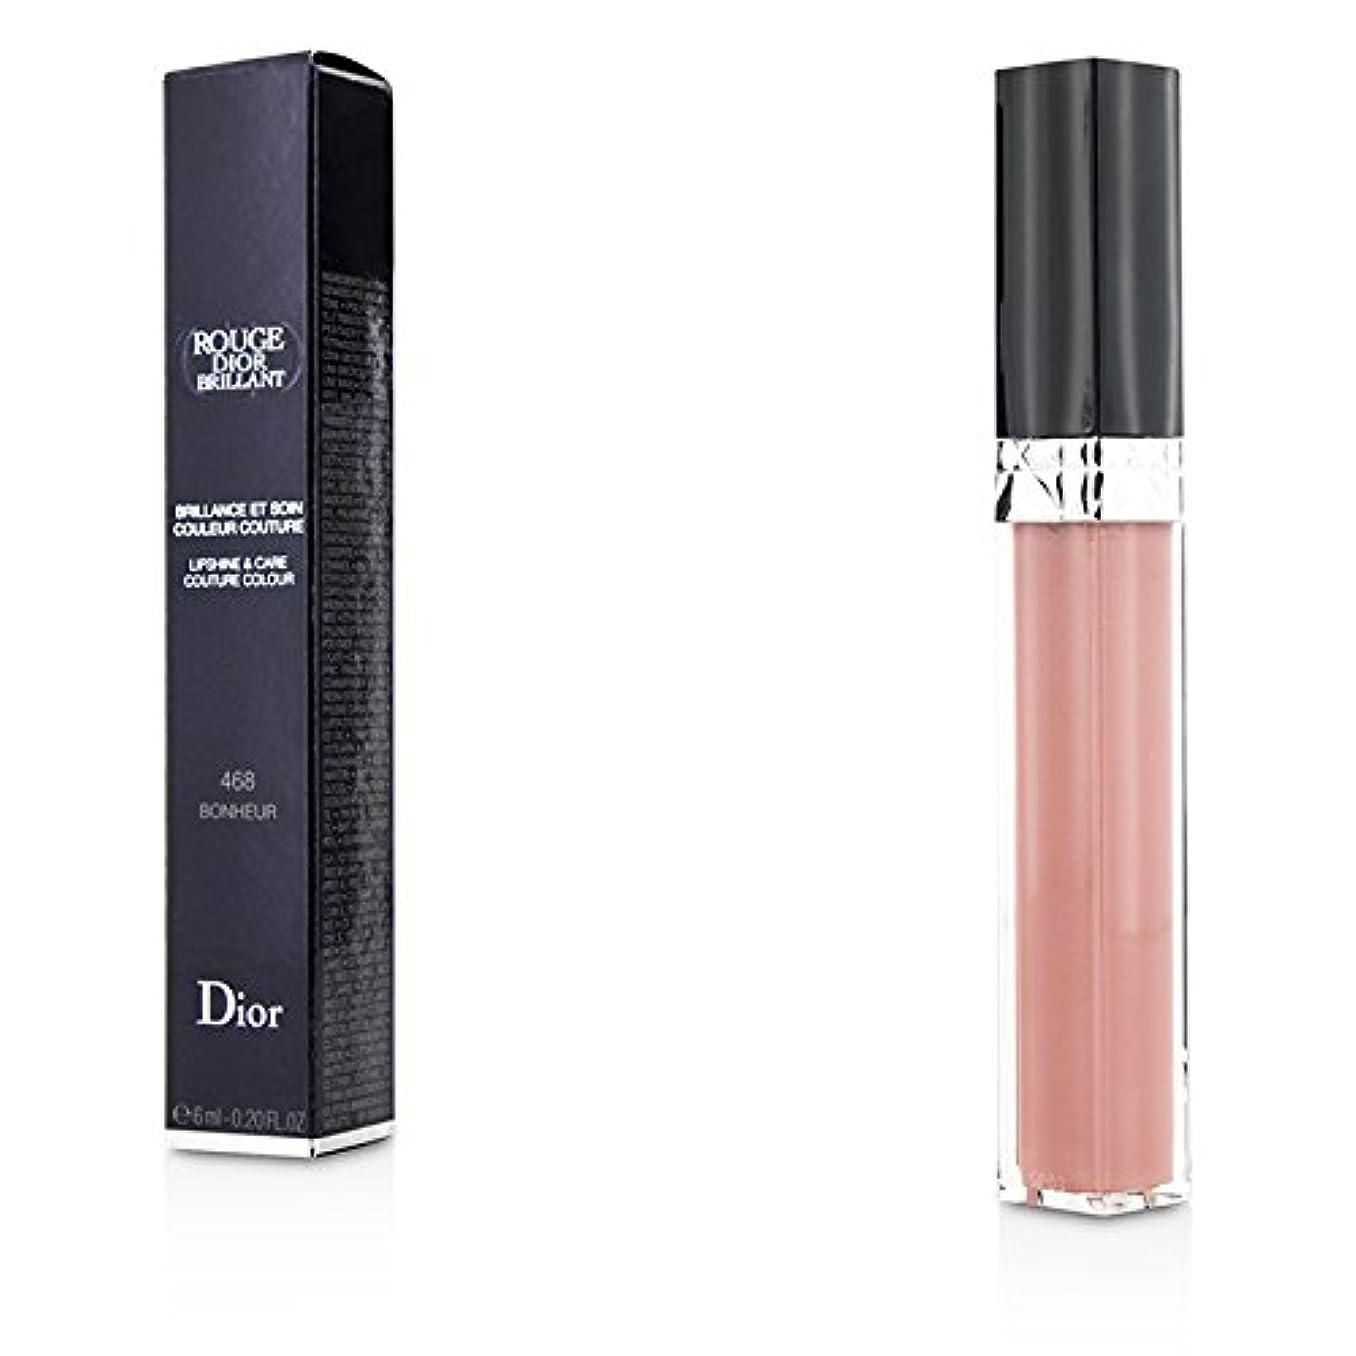 メリー病者外交クリスチャンディオール Rouge Dior Brillant Lipgloss - # 468 Bonheur 6ml/0.2oz並行輸入品